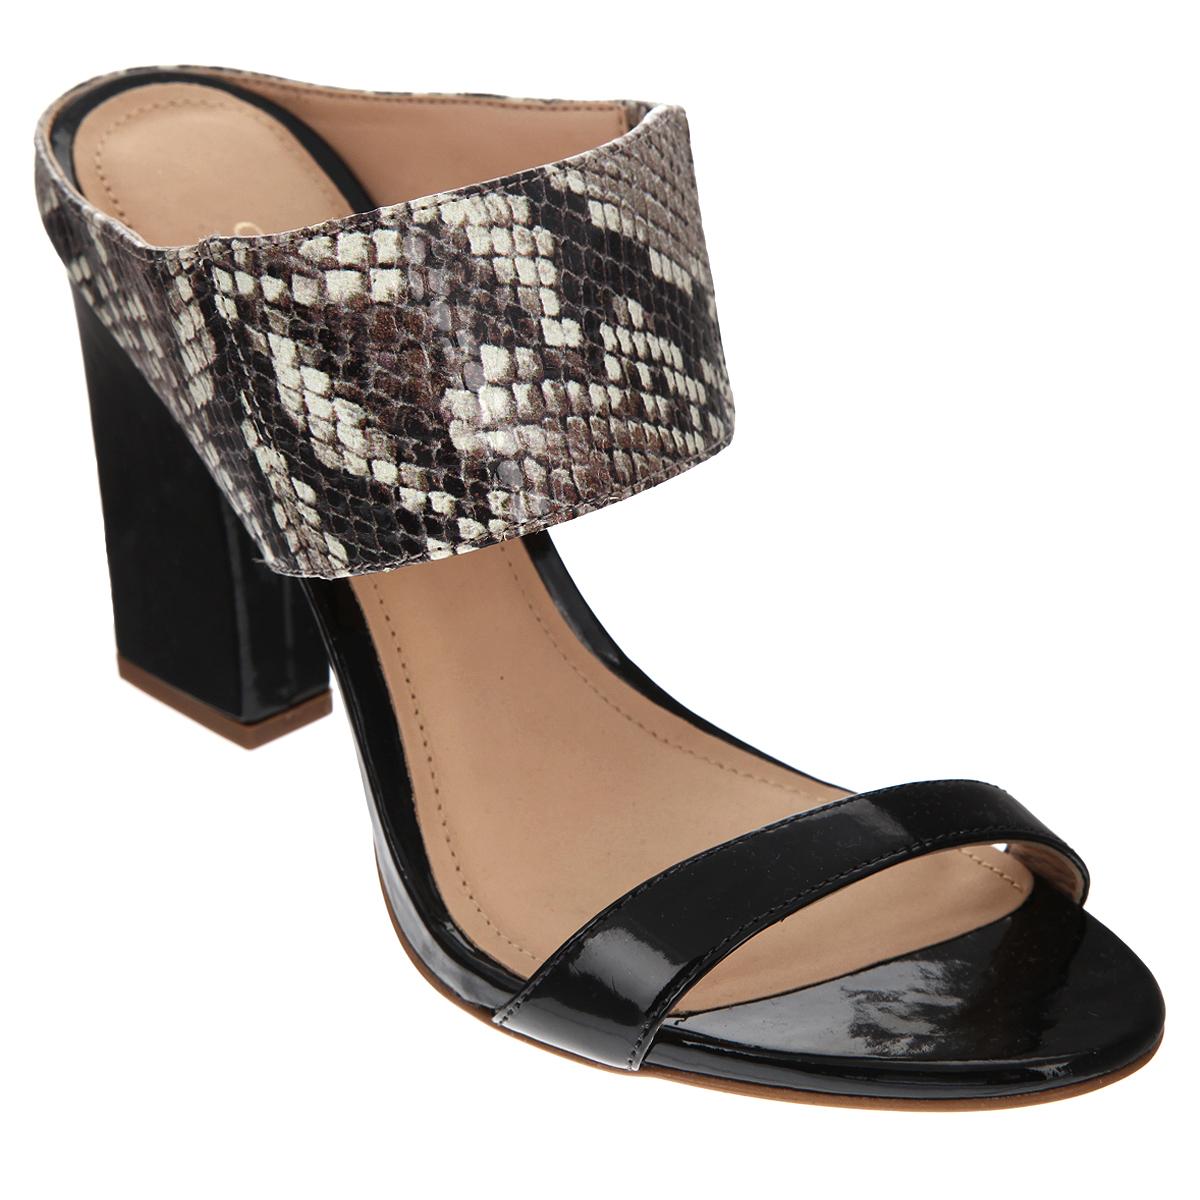 Сабо женские. 152194152194Стильные сабо от Cristofoli - незаменимая вещь в гардеробе каждой женщины. Модель выполнена из натуральной высококачественной кожи. Верхний ремешок стилизован под чешую змеи и дополнен резинкой, обеспечивающей идеальную посадку обуви на ноге. Мягкая стелька и подкладка из натуральной кожи обеспечивают комфорт при ходьбе. Ультравысокий каблук компенсирован платформой. Подошва - с противоскользящим рифлением. Изысканные сабо прекрасно дополнят ваш женственный образ.